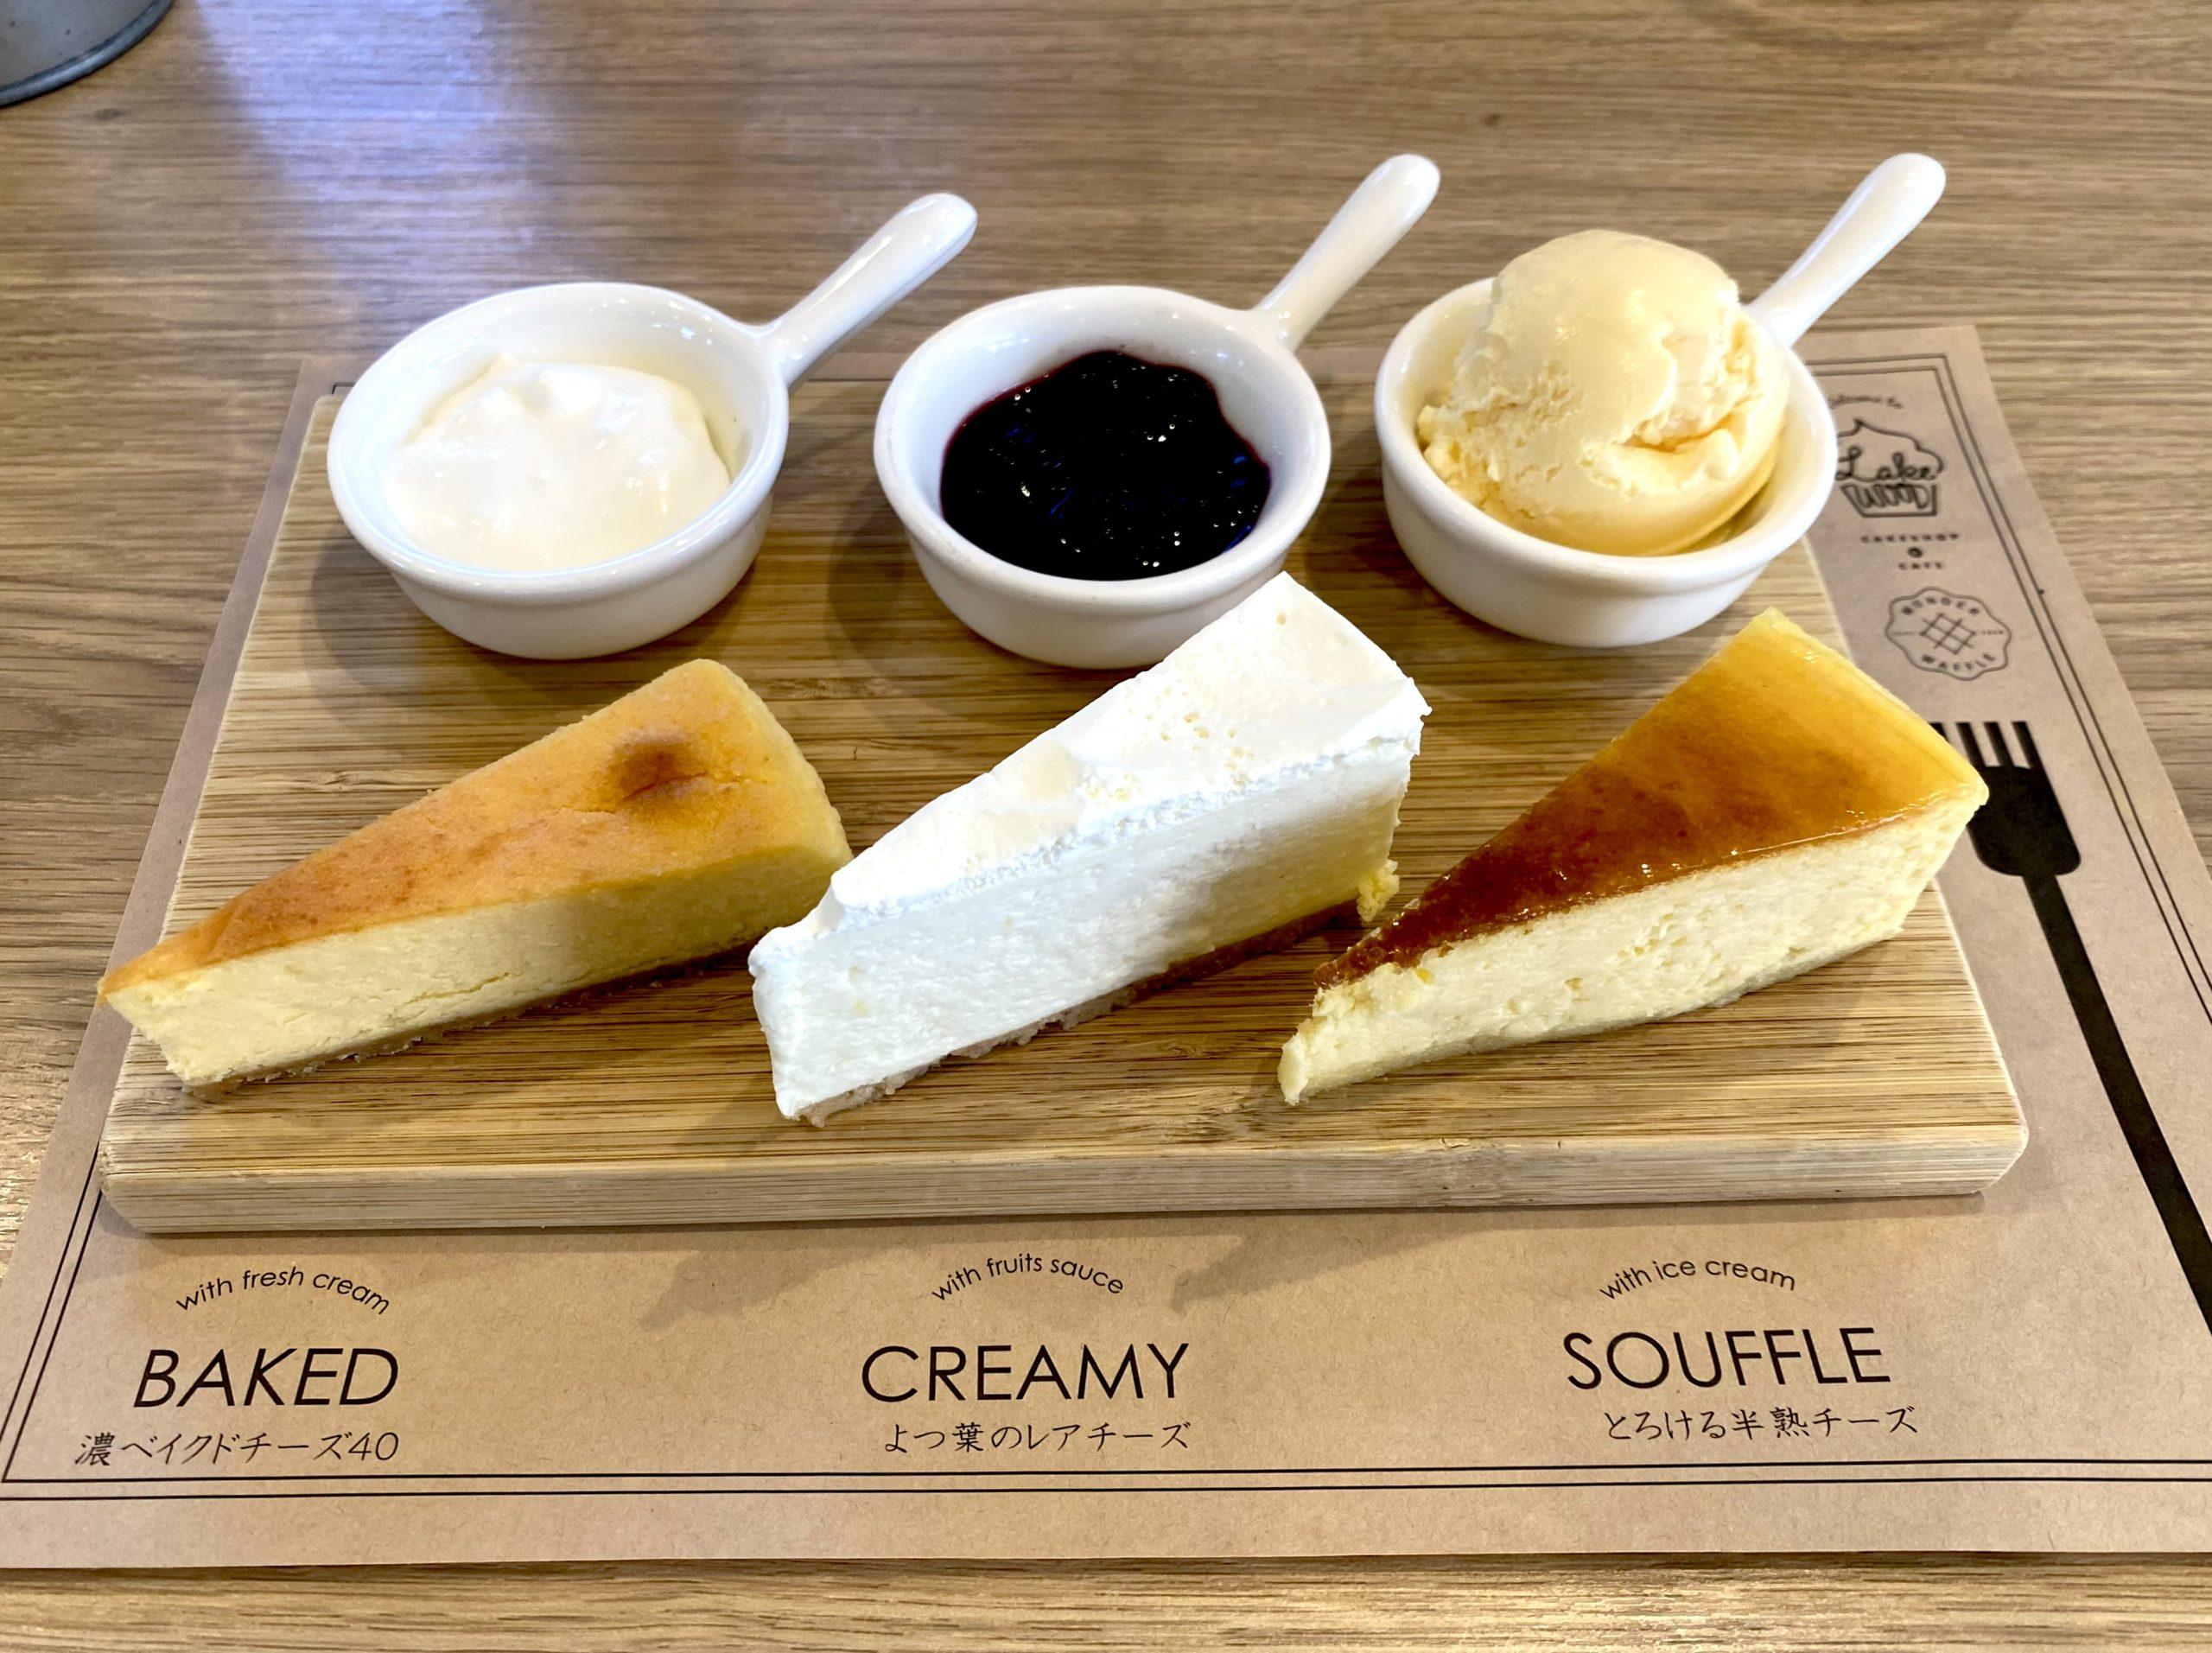 植田|一度に3種類のチーズケーキを食べ比べ!贅沢なひとときを過ごせるカフェ